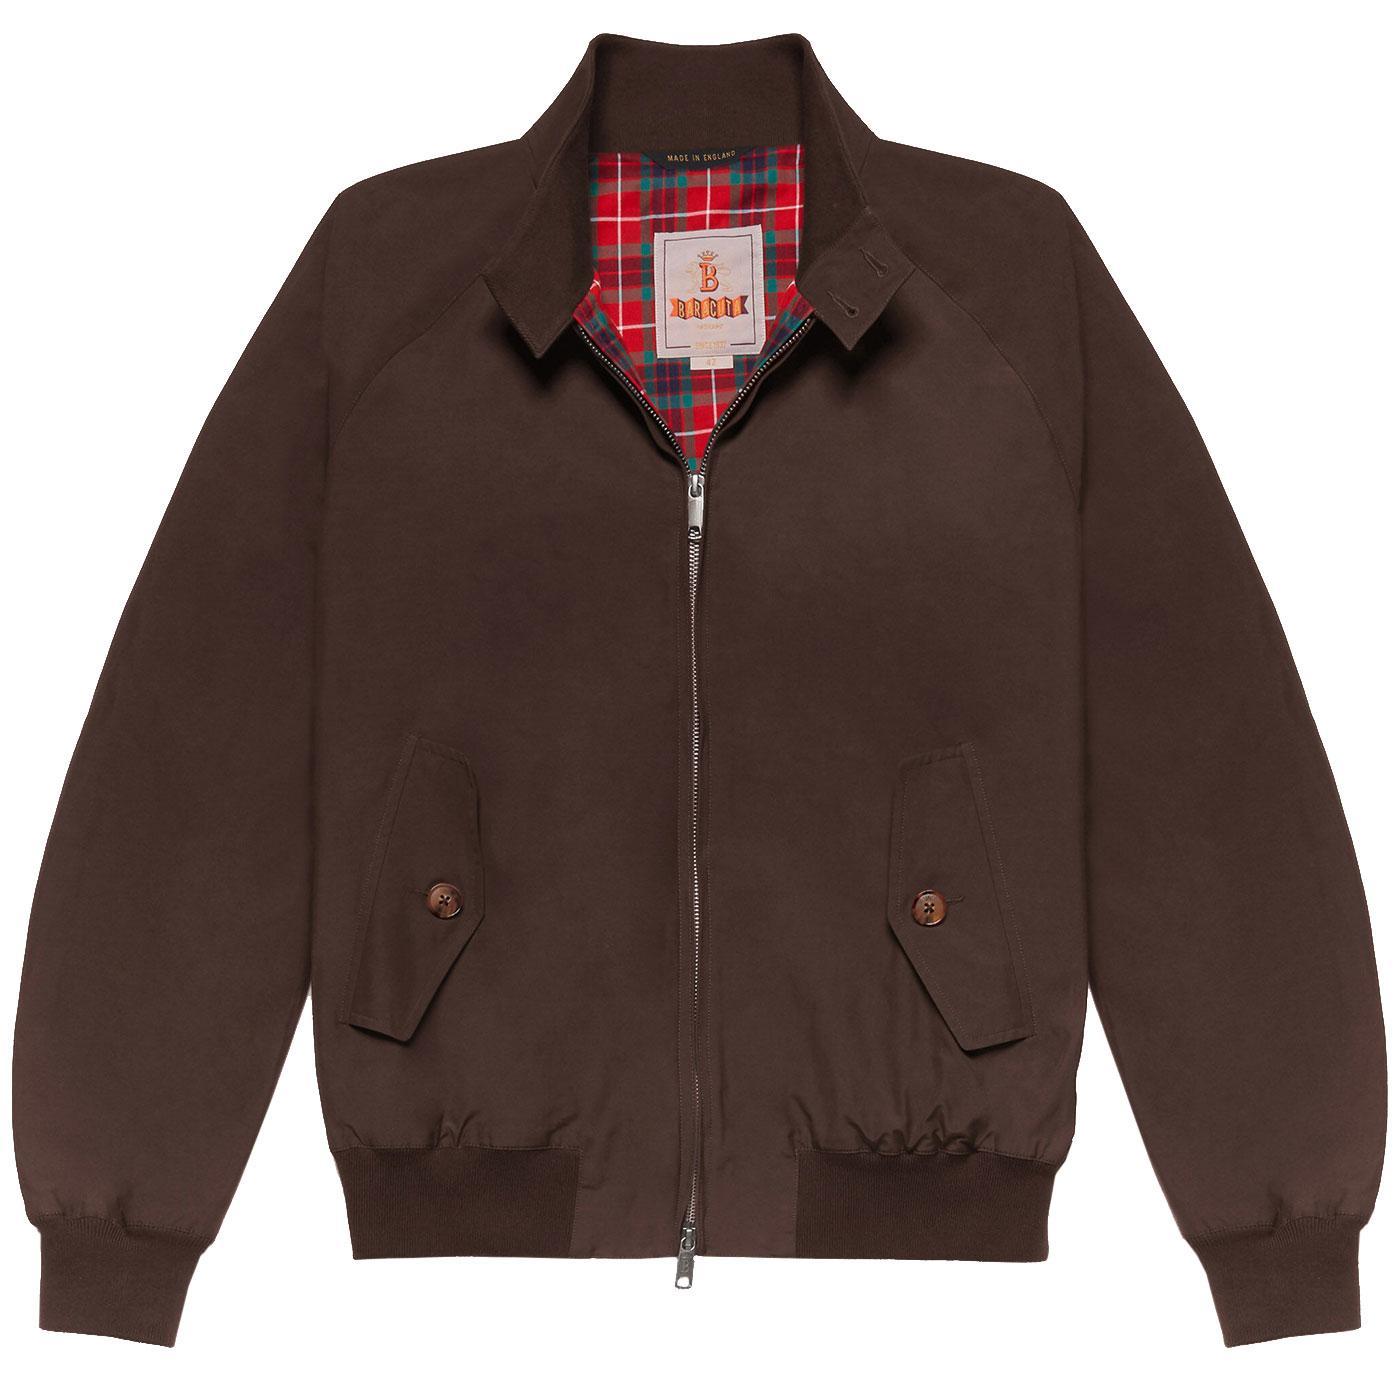 BARACUTA G9 Made in England Harrington Jacket C